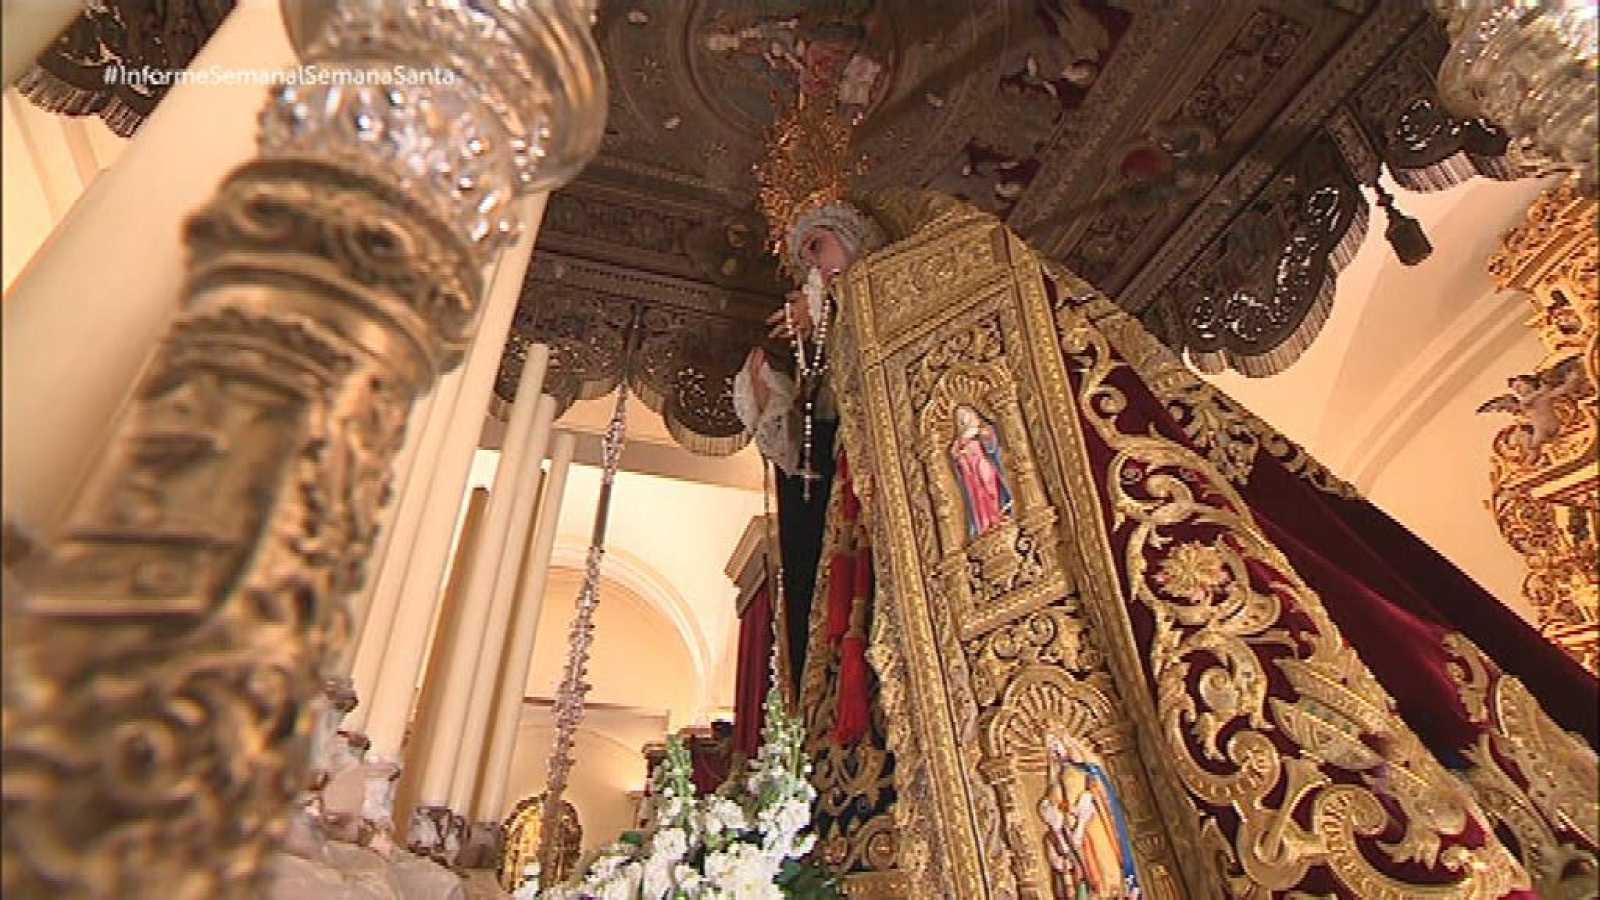 Informe Semanal - Los hilos de la Semana Santa - ver ahora